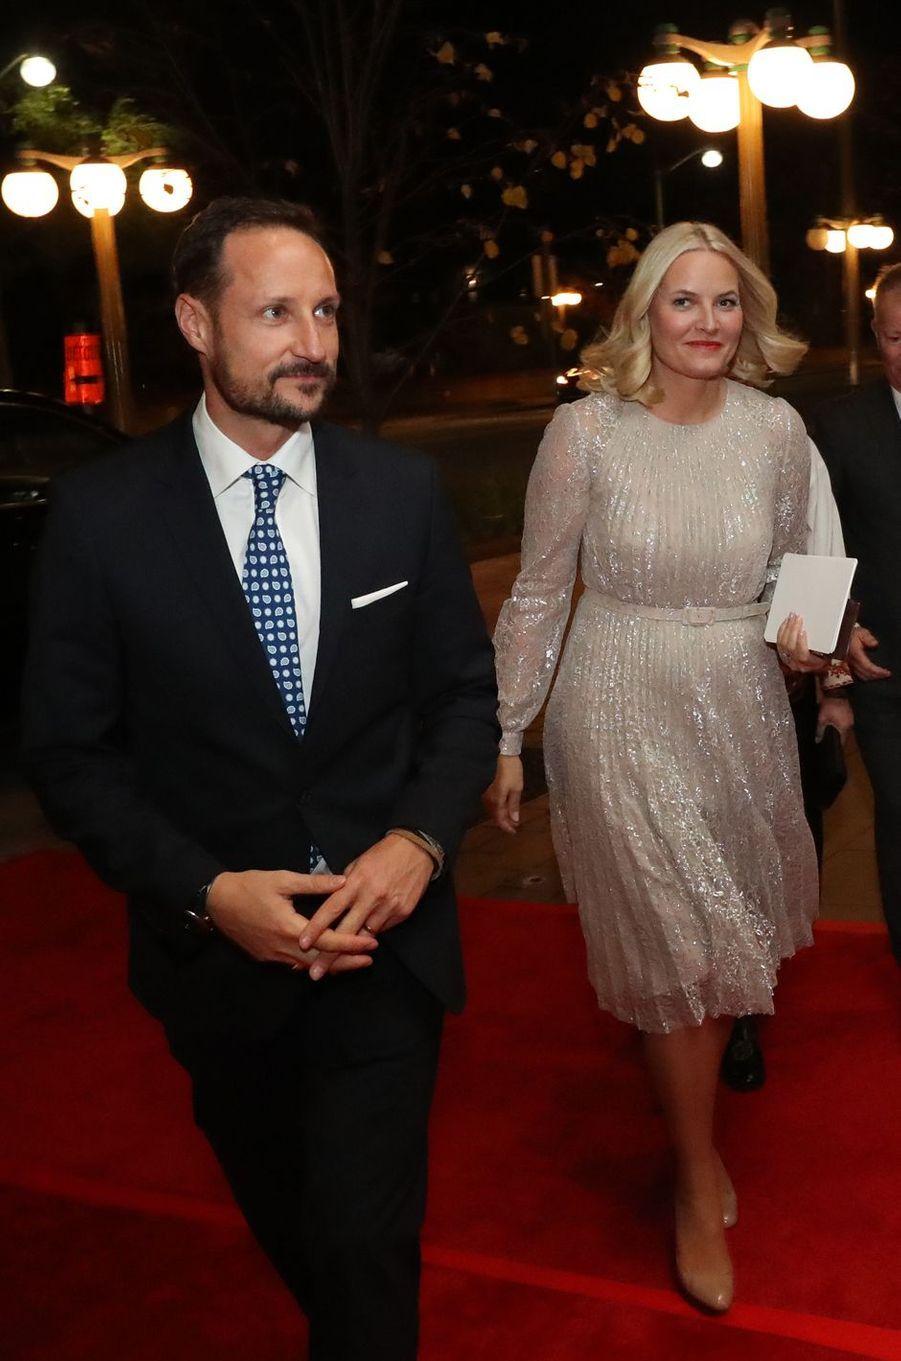 La princesse Mette-Marit de Norvège à Gatineau, le 7 novembre 2016